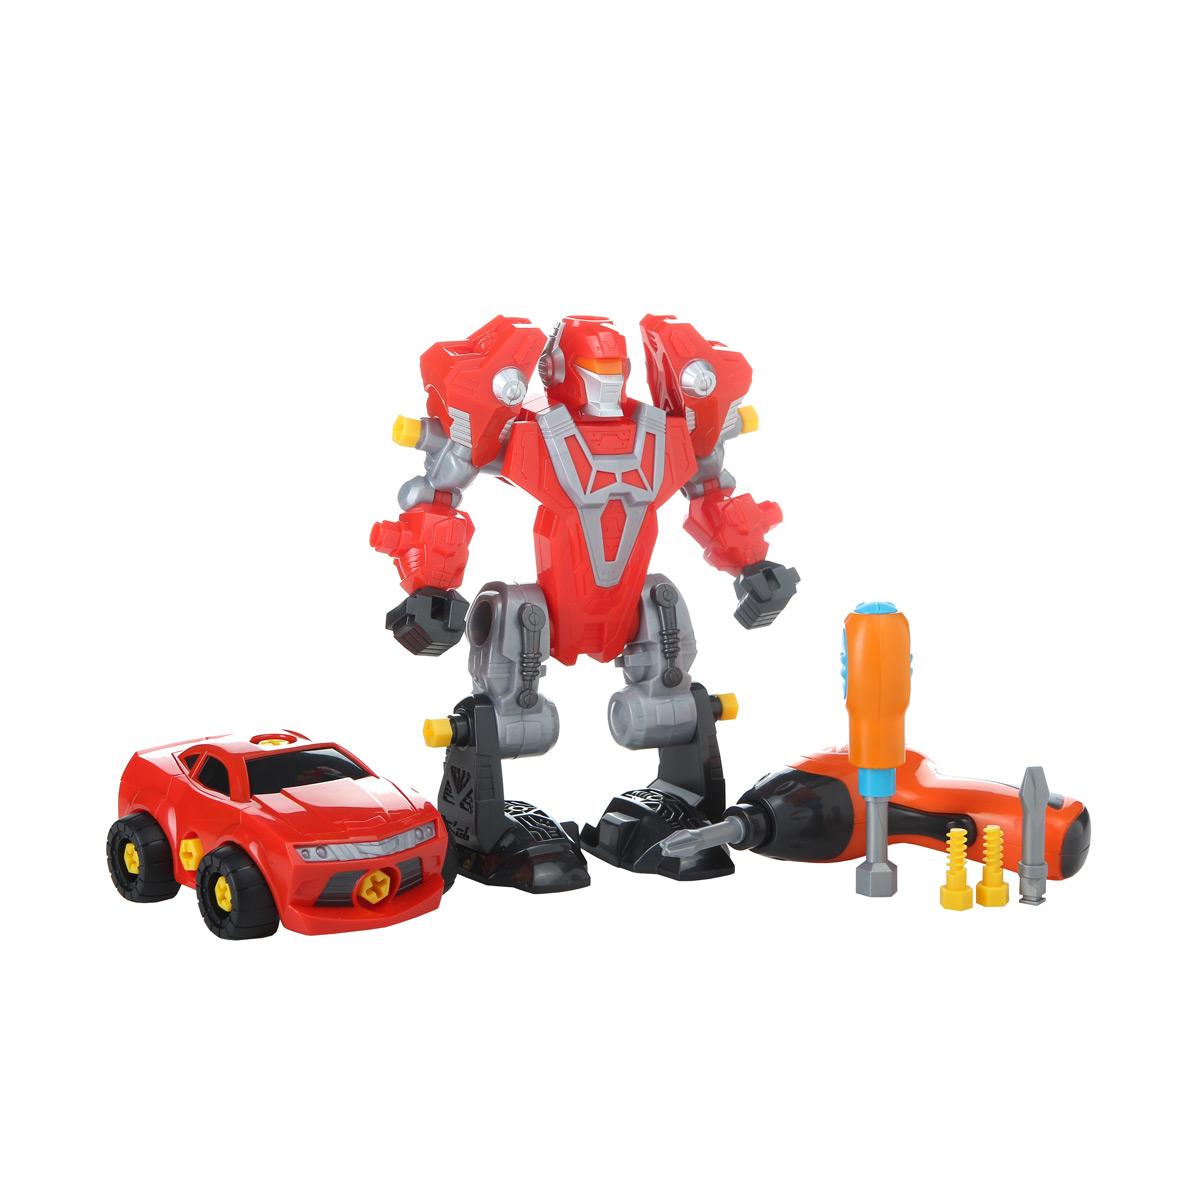 Робот-трансформер с отверткой и шуруповертомИгрушки трансформеры<br>Робот-трансформер с отверткой и шуруповертом<br>